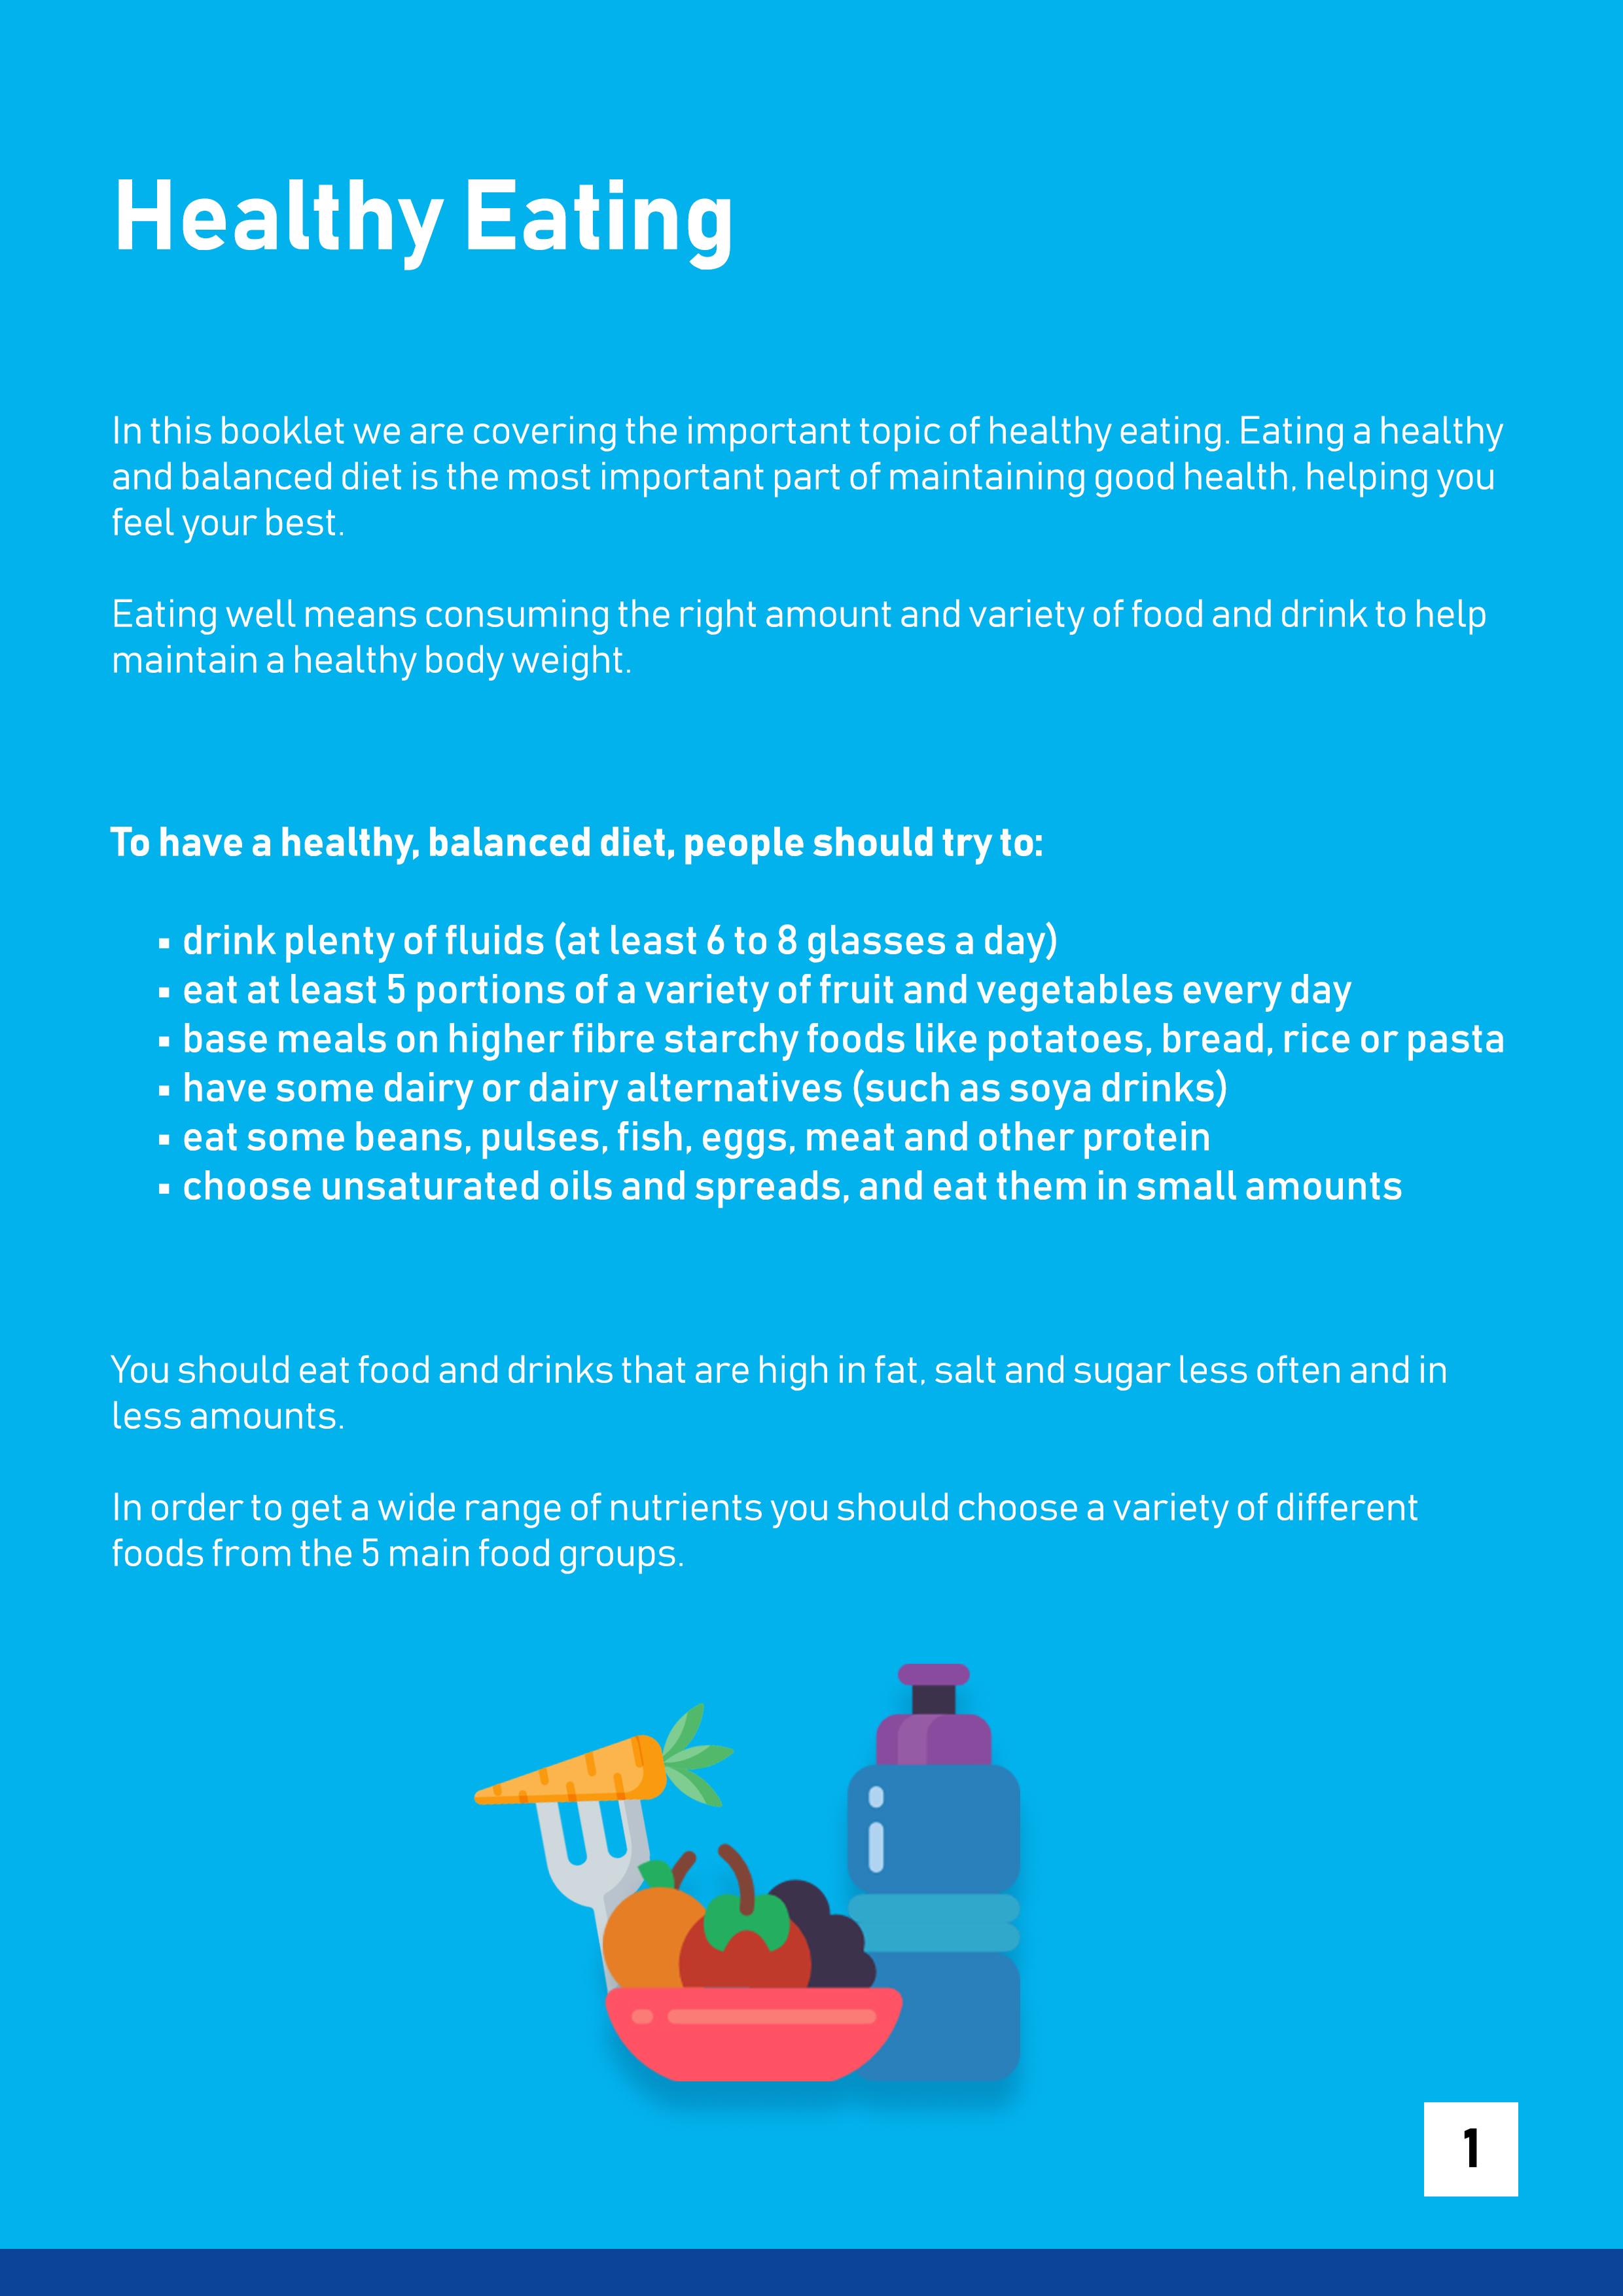 Healthy Eating 8 Tips - Pg2.jpg